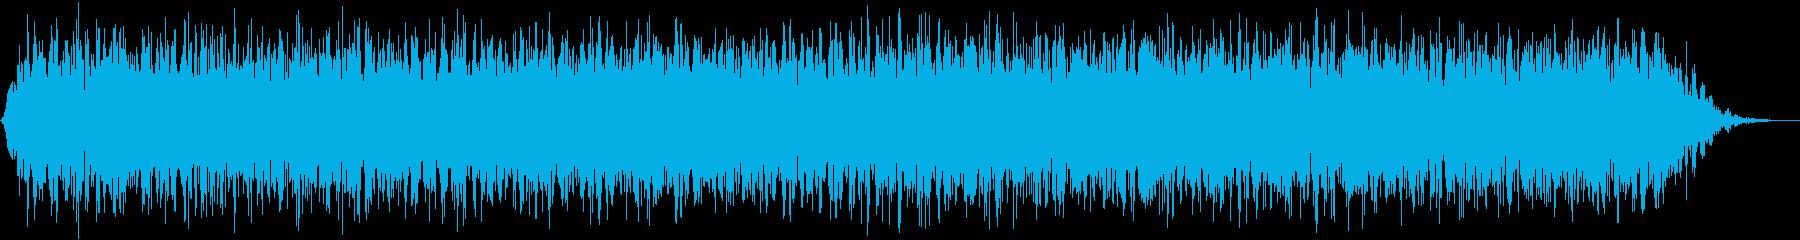 【アンビエント】ドローン_51 実験音の再生済みの波形